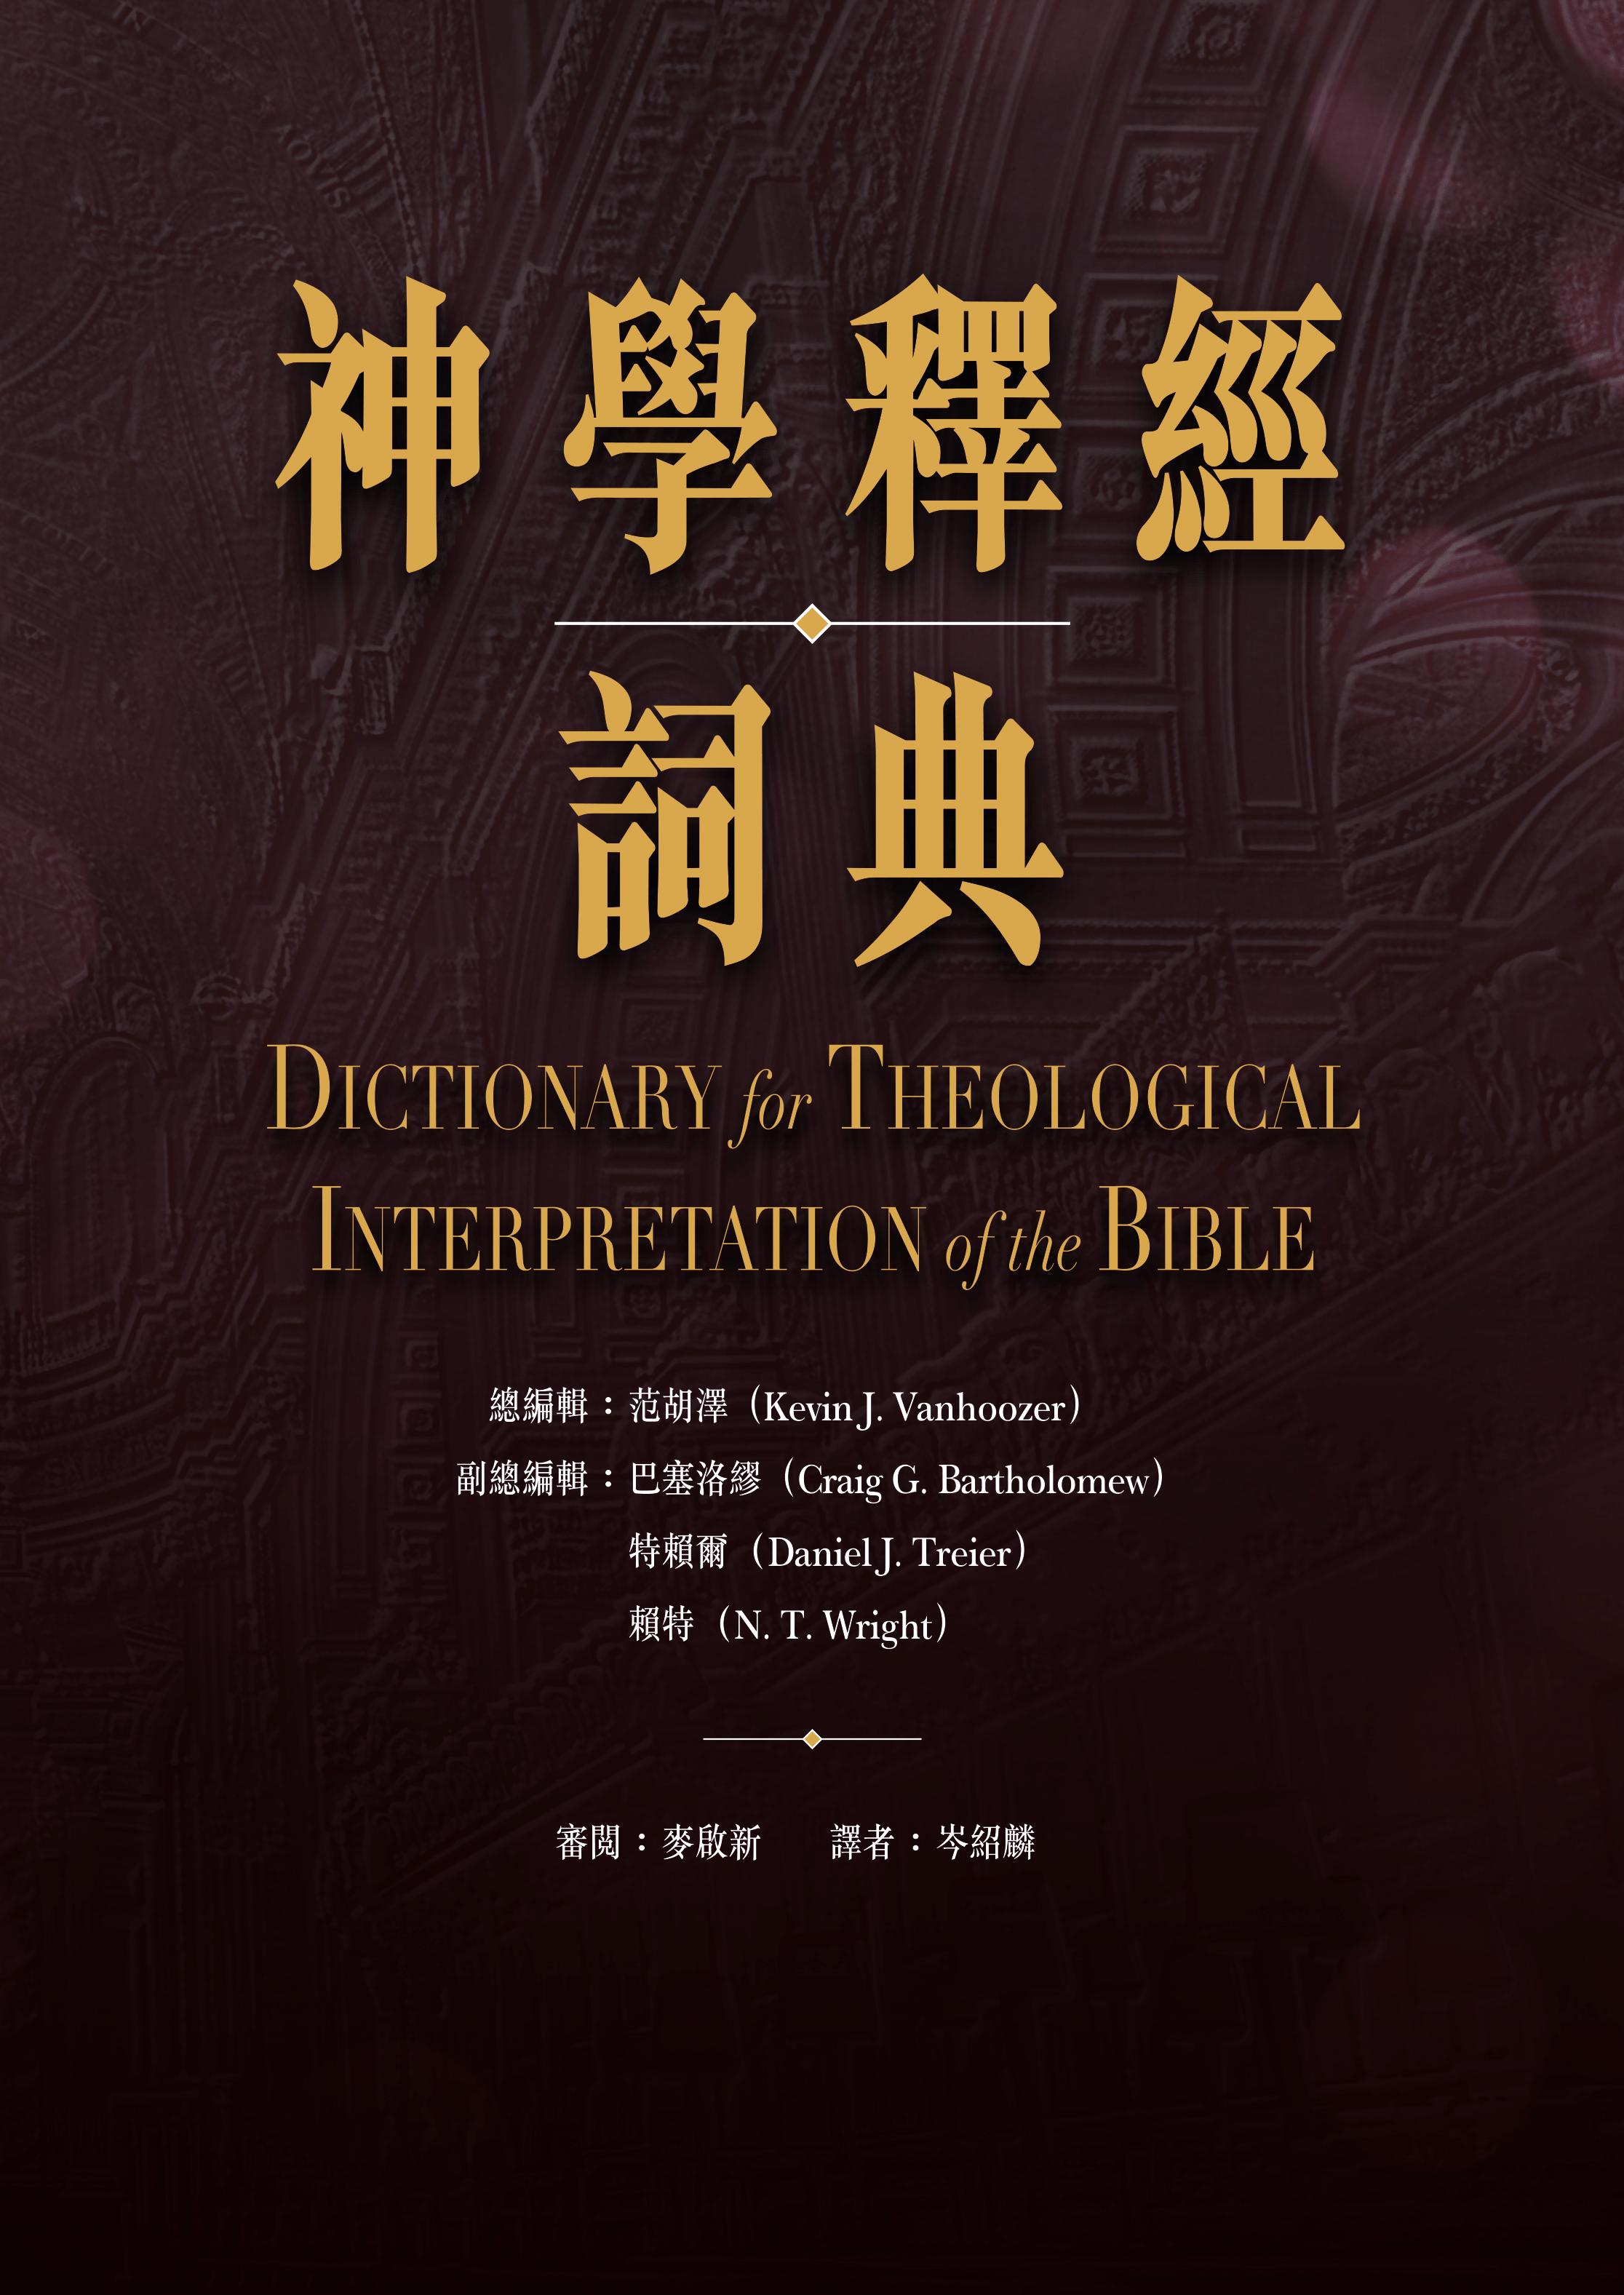 神學釋經詞典(繁體) Dictionary for Theological Interpretation of the Bible (Traditional Chinese)